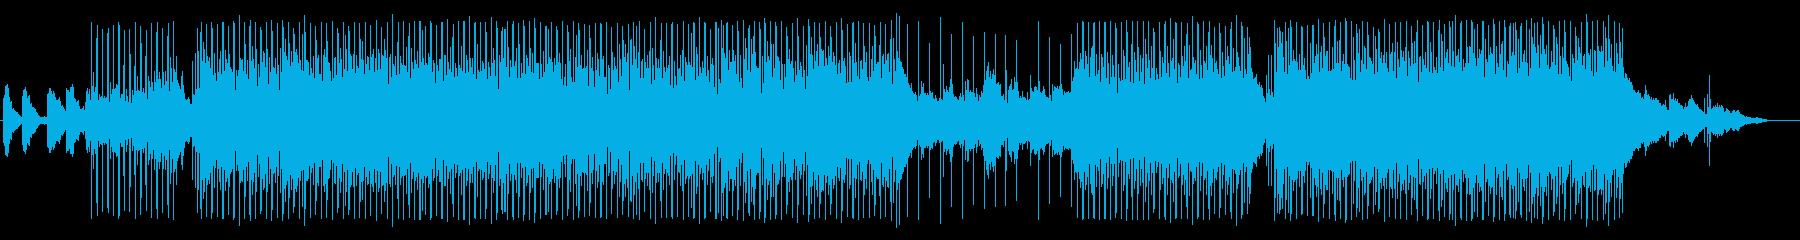 晴れ晴れとしたスローな四つ打ちの再生済みの波形